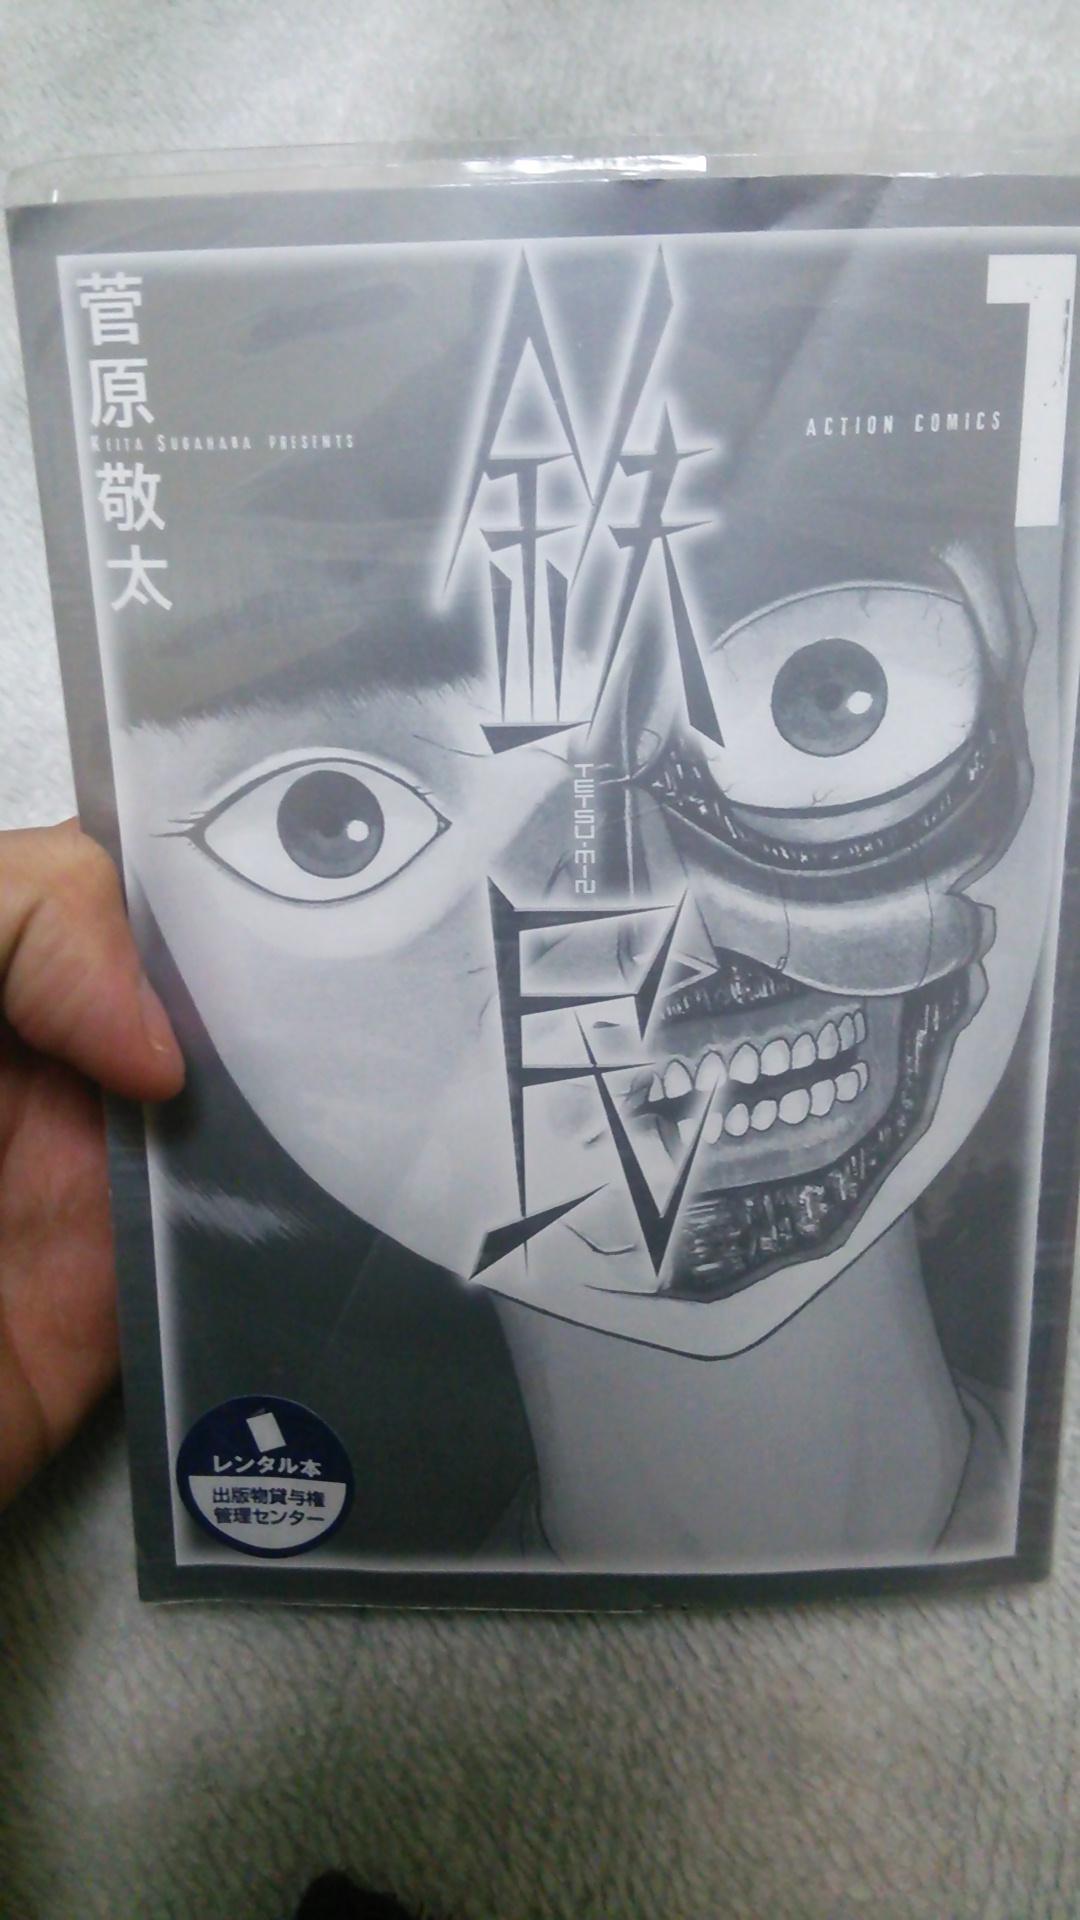 1巻からどんでん返しに衝撃受けた!OMG!はまる漫画「鉄民」1巻 レビュー